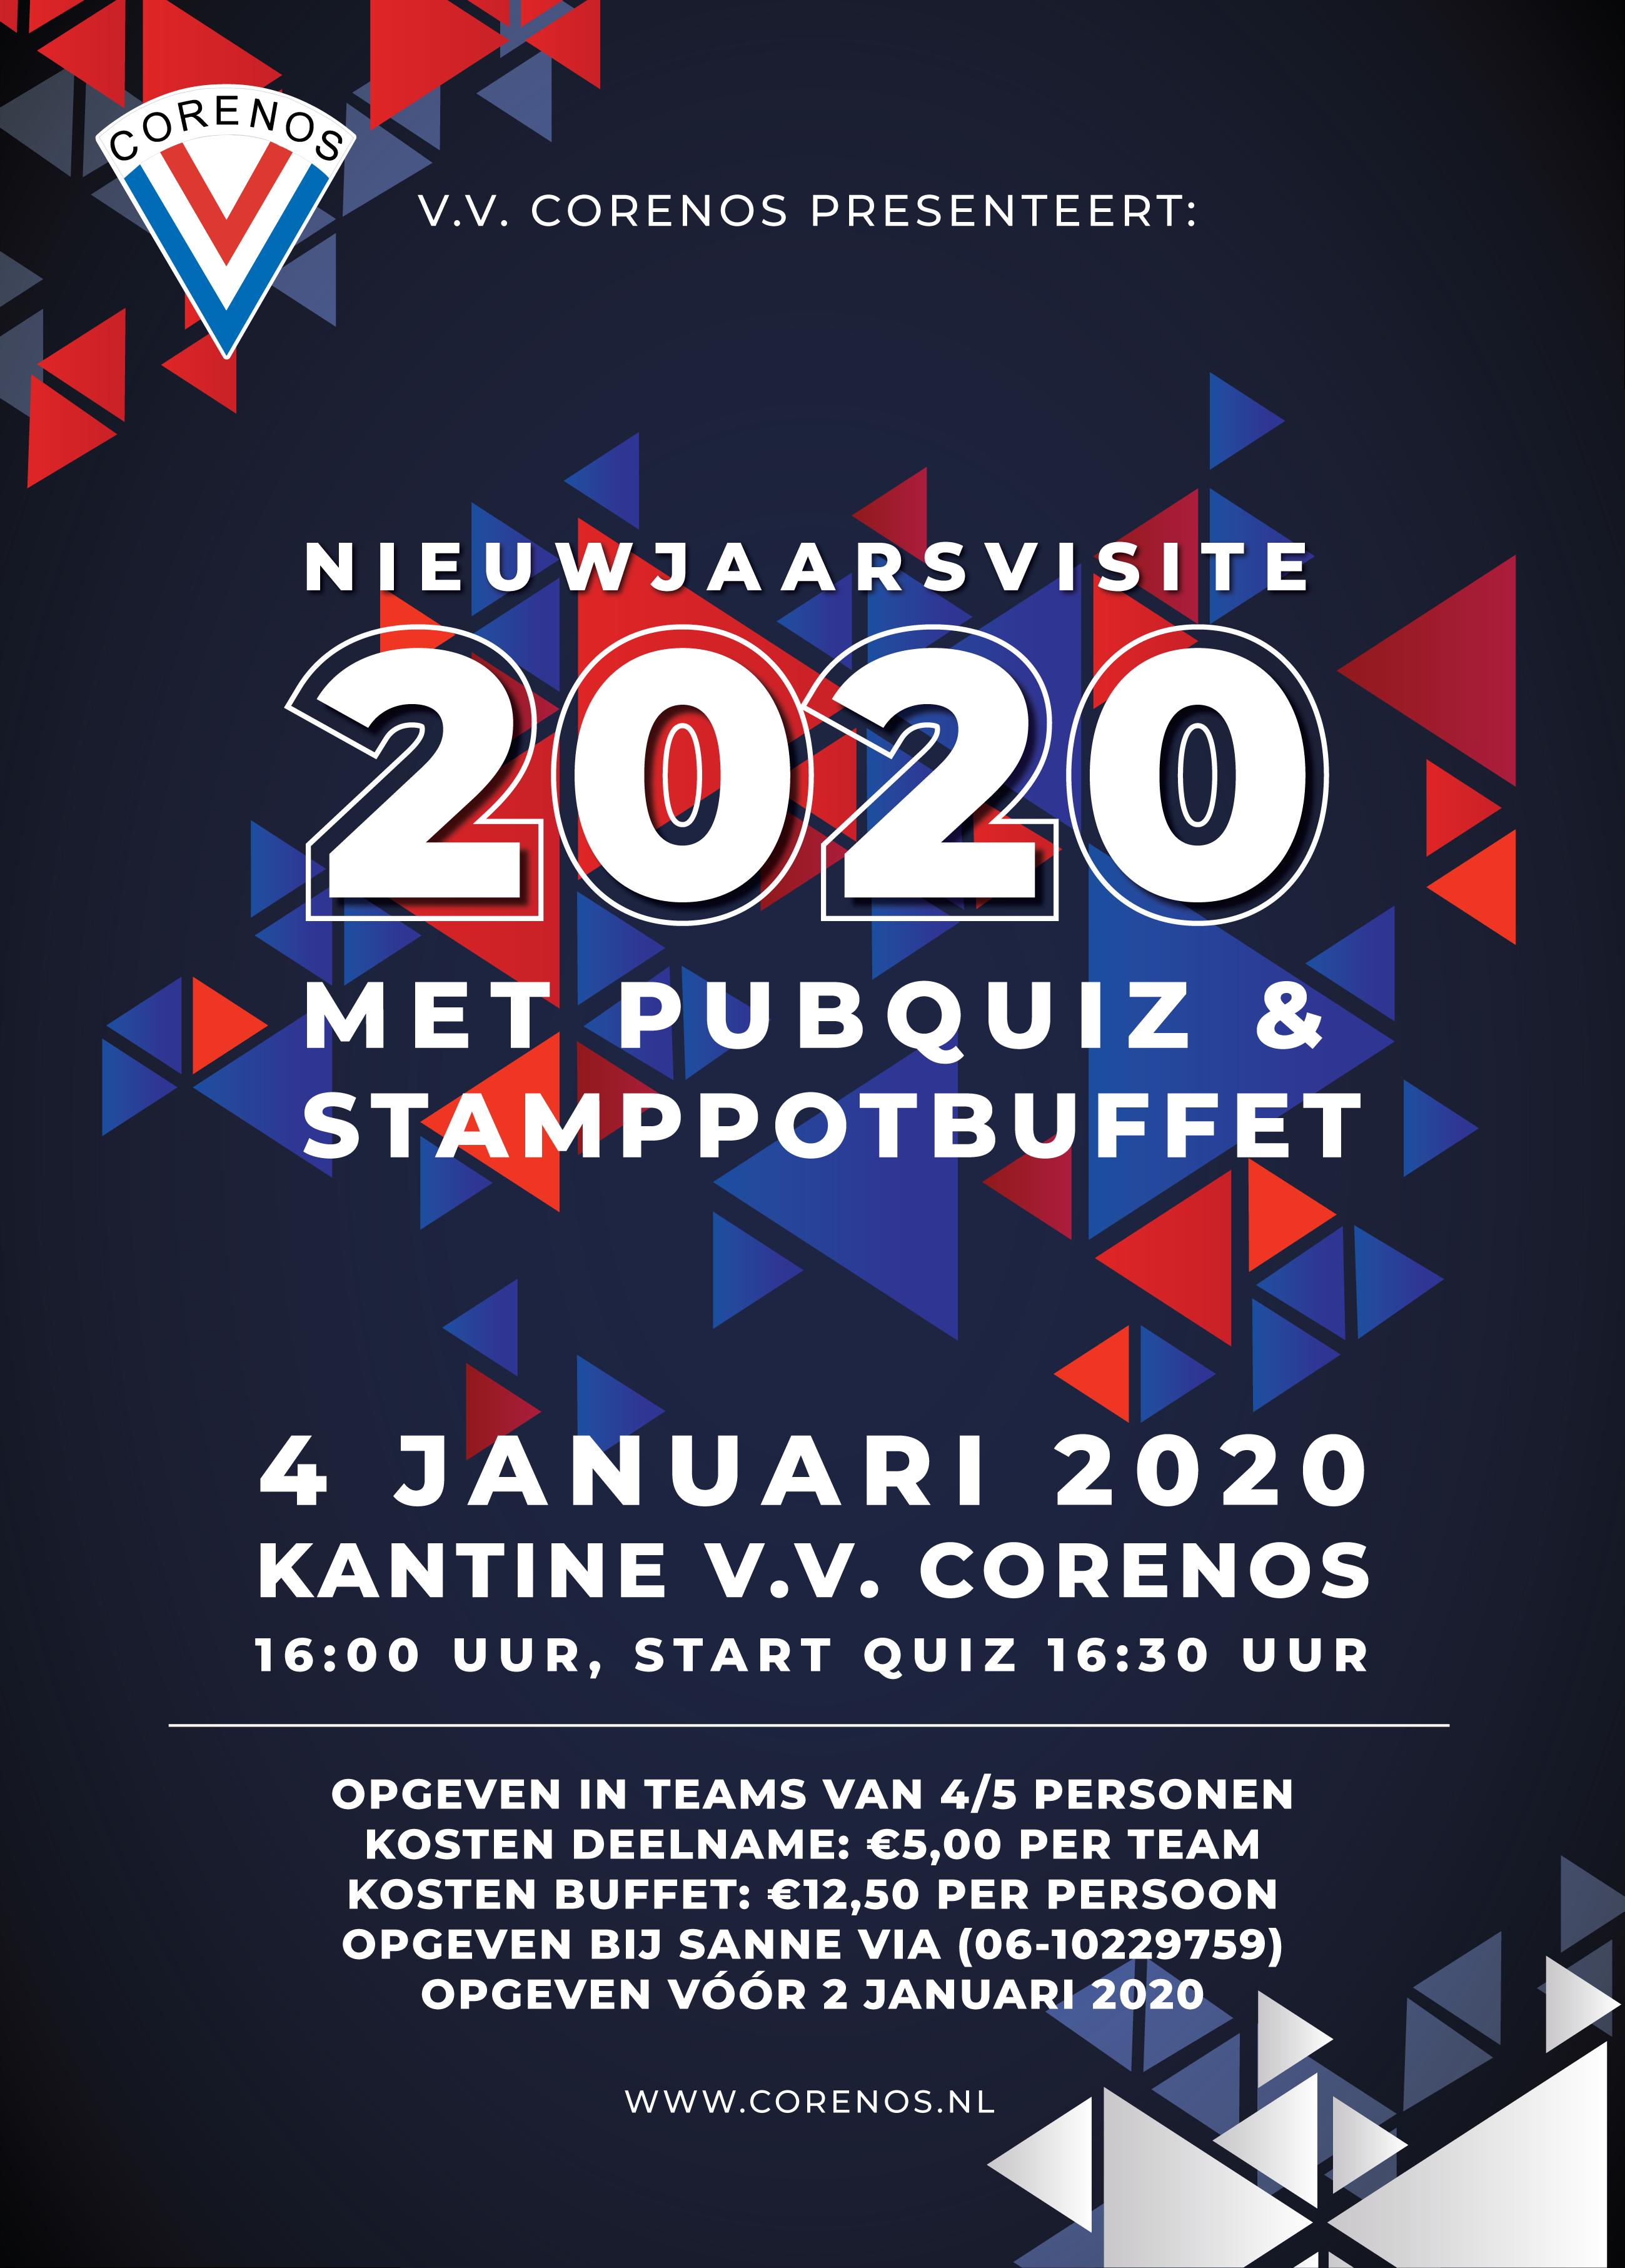 Nieuwjaarsvisite 2020